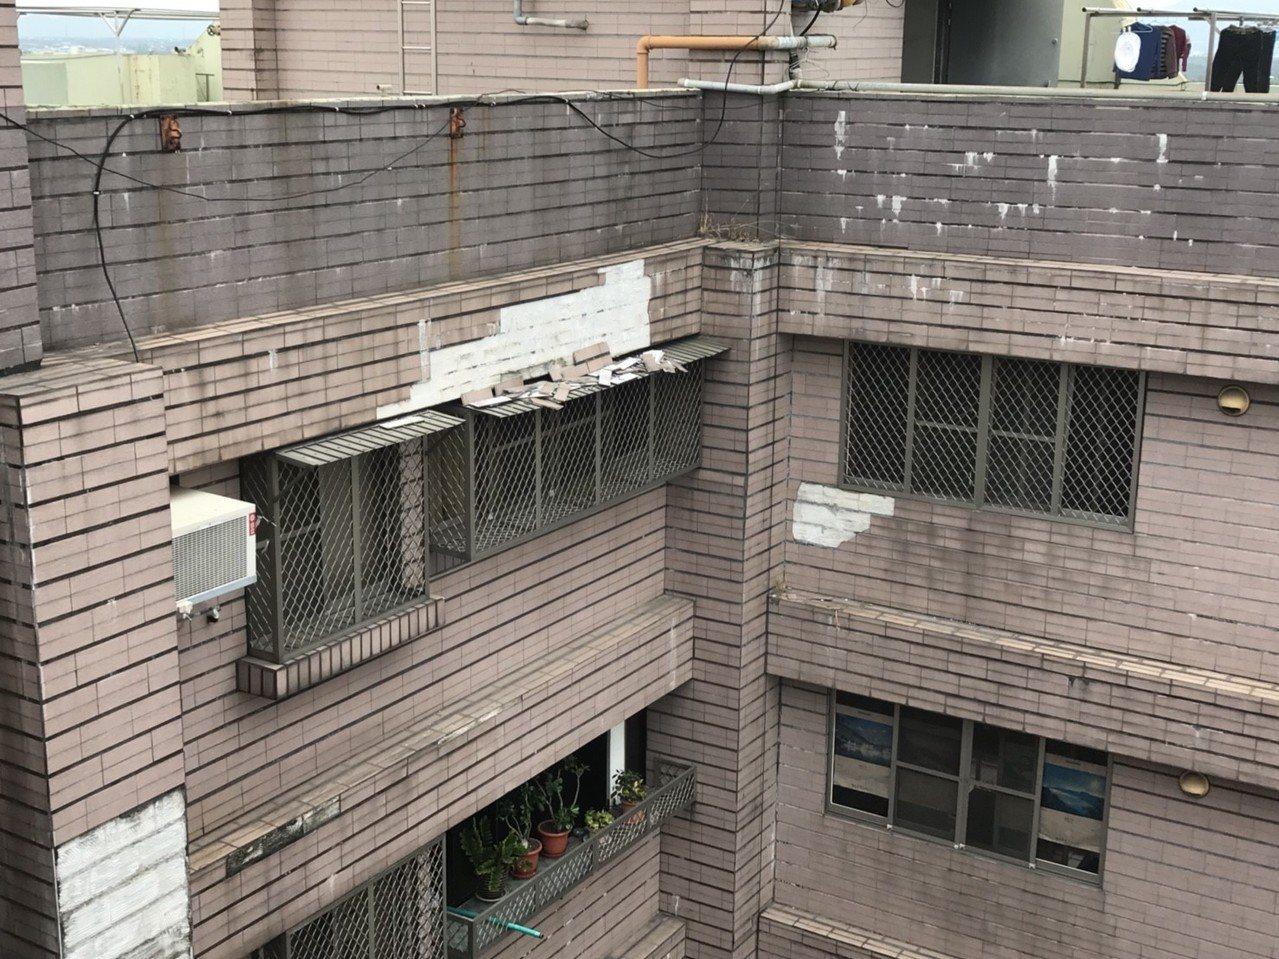 有些老大樓外觀磁磚剝落嚴重,屏東縣府希望透過自主都市更新協助大樓整建。圖/屏東縣...